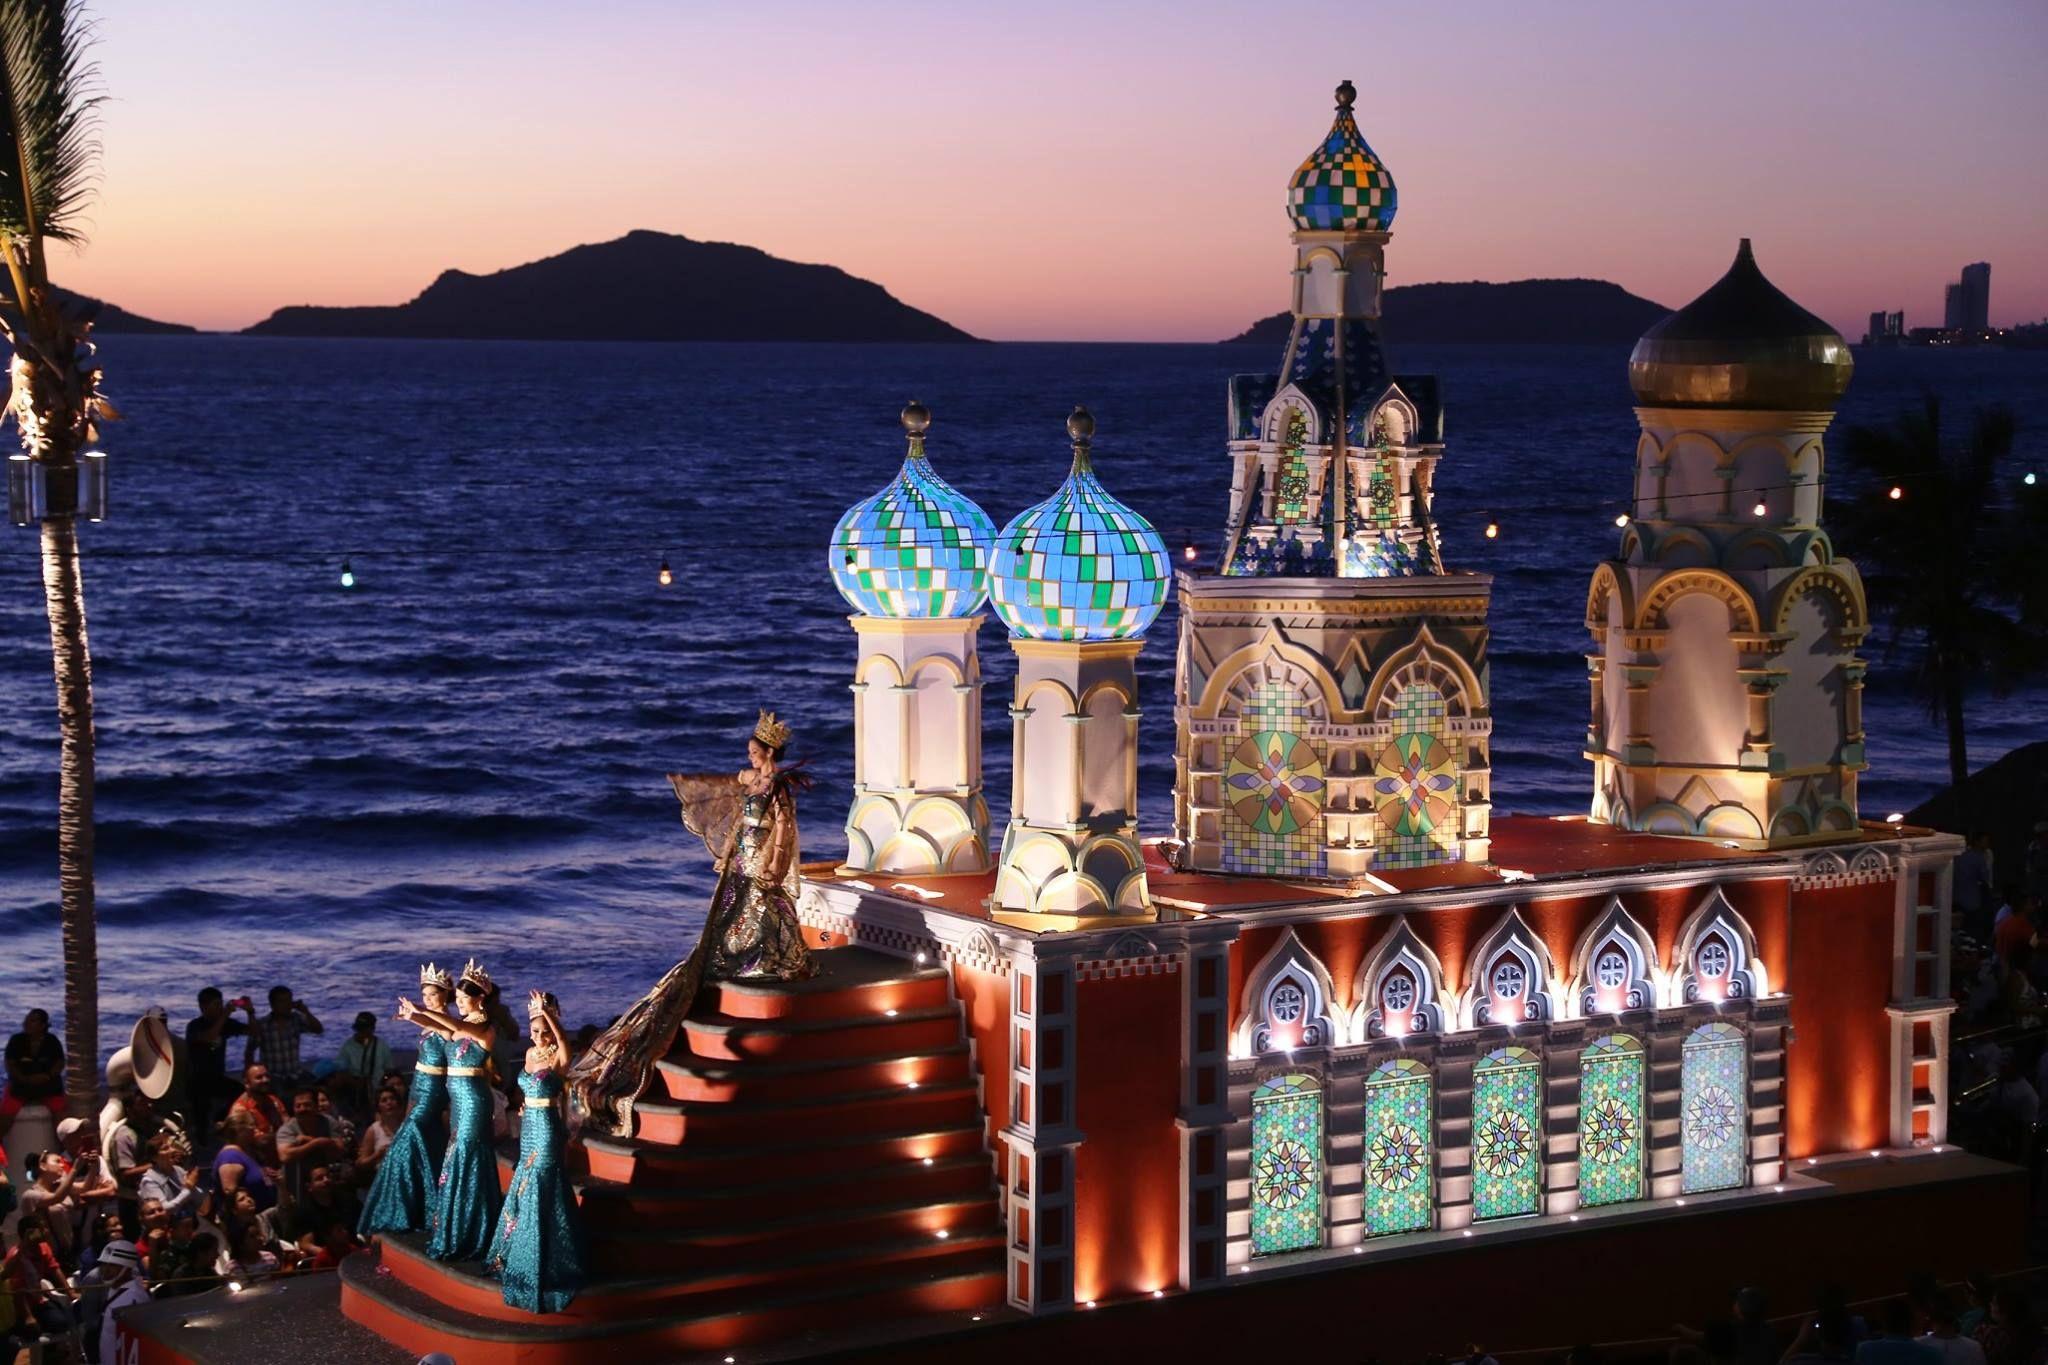 Celebra la vida y la alegría, bailando en el Carnaval de Mazatlán.